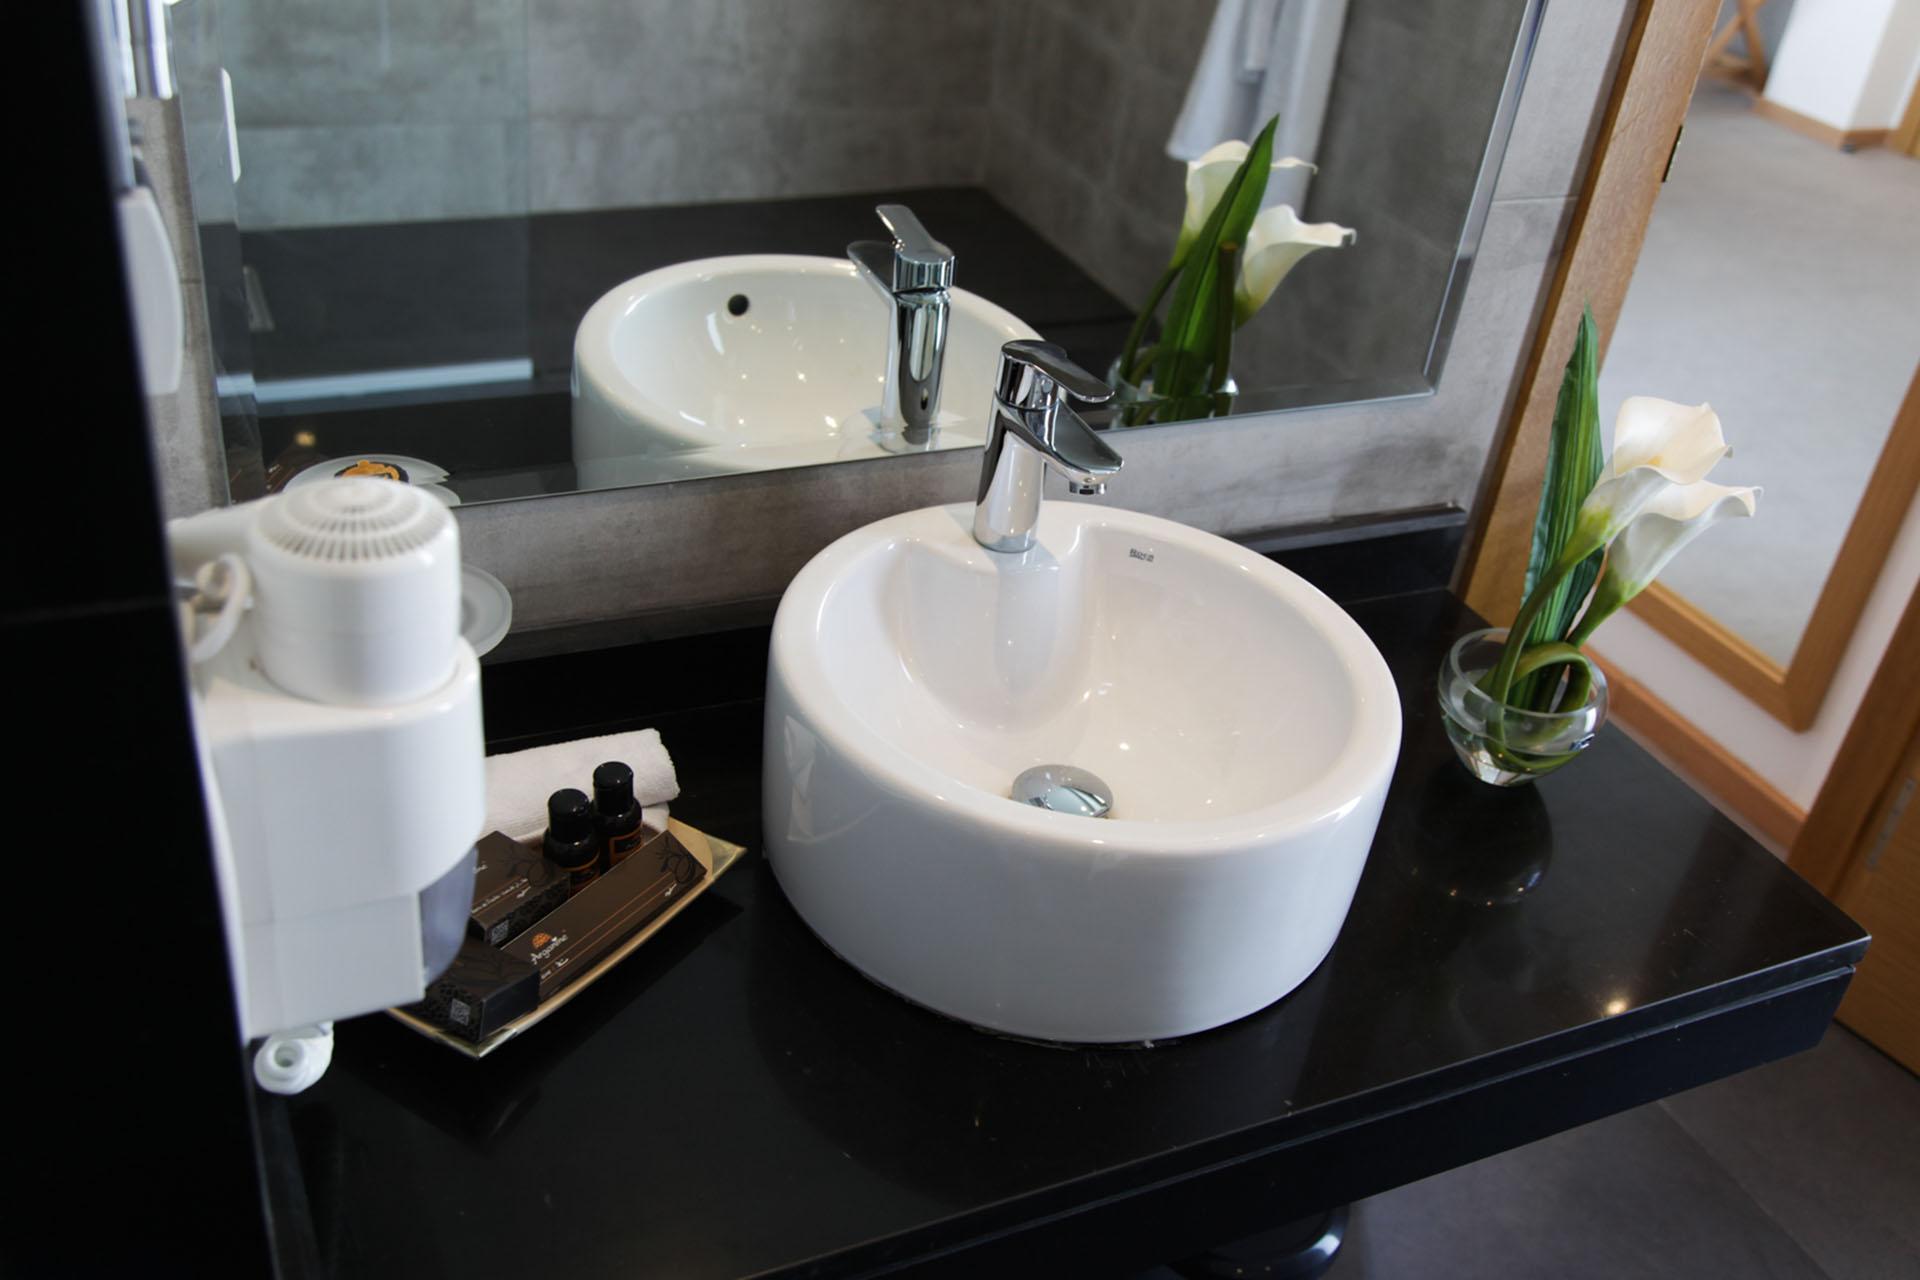 http://smartshotel.com/wp-content/uploads/2016/04/Suite-Bathroom-1.jpg